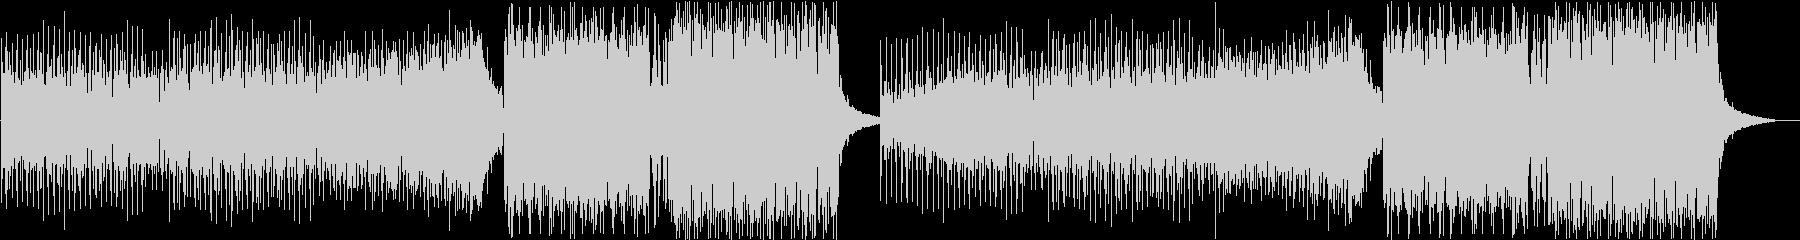 カッコイイEDMの未再生の波形